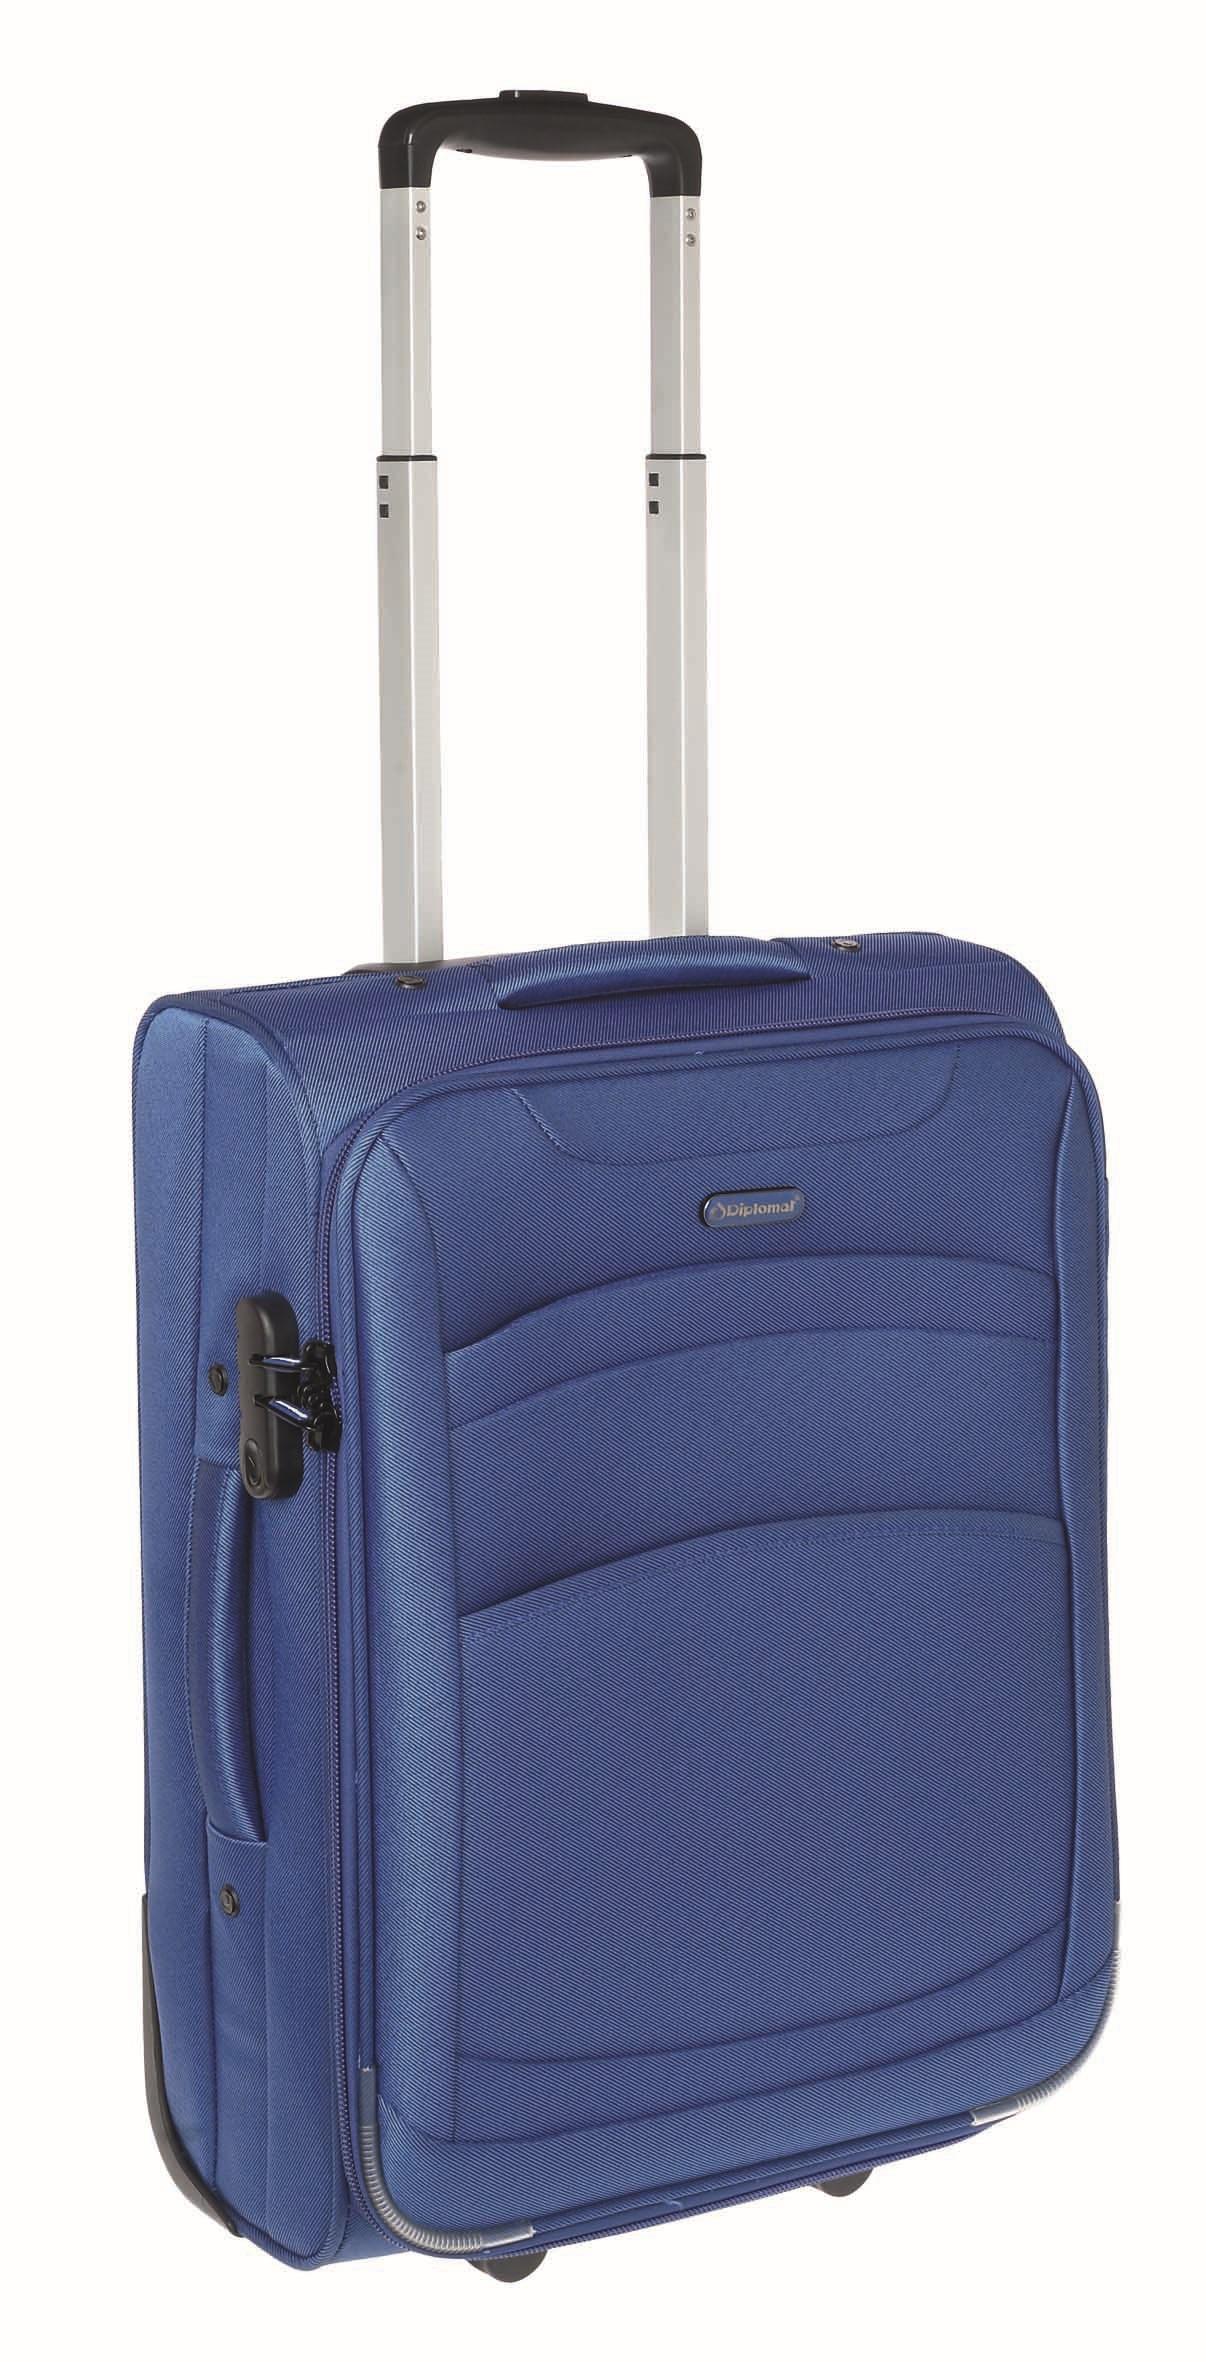 Βαλίτσα καμπίνας Diplomat ZC6018 55x40x20εκ Μπλε